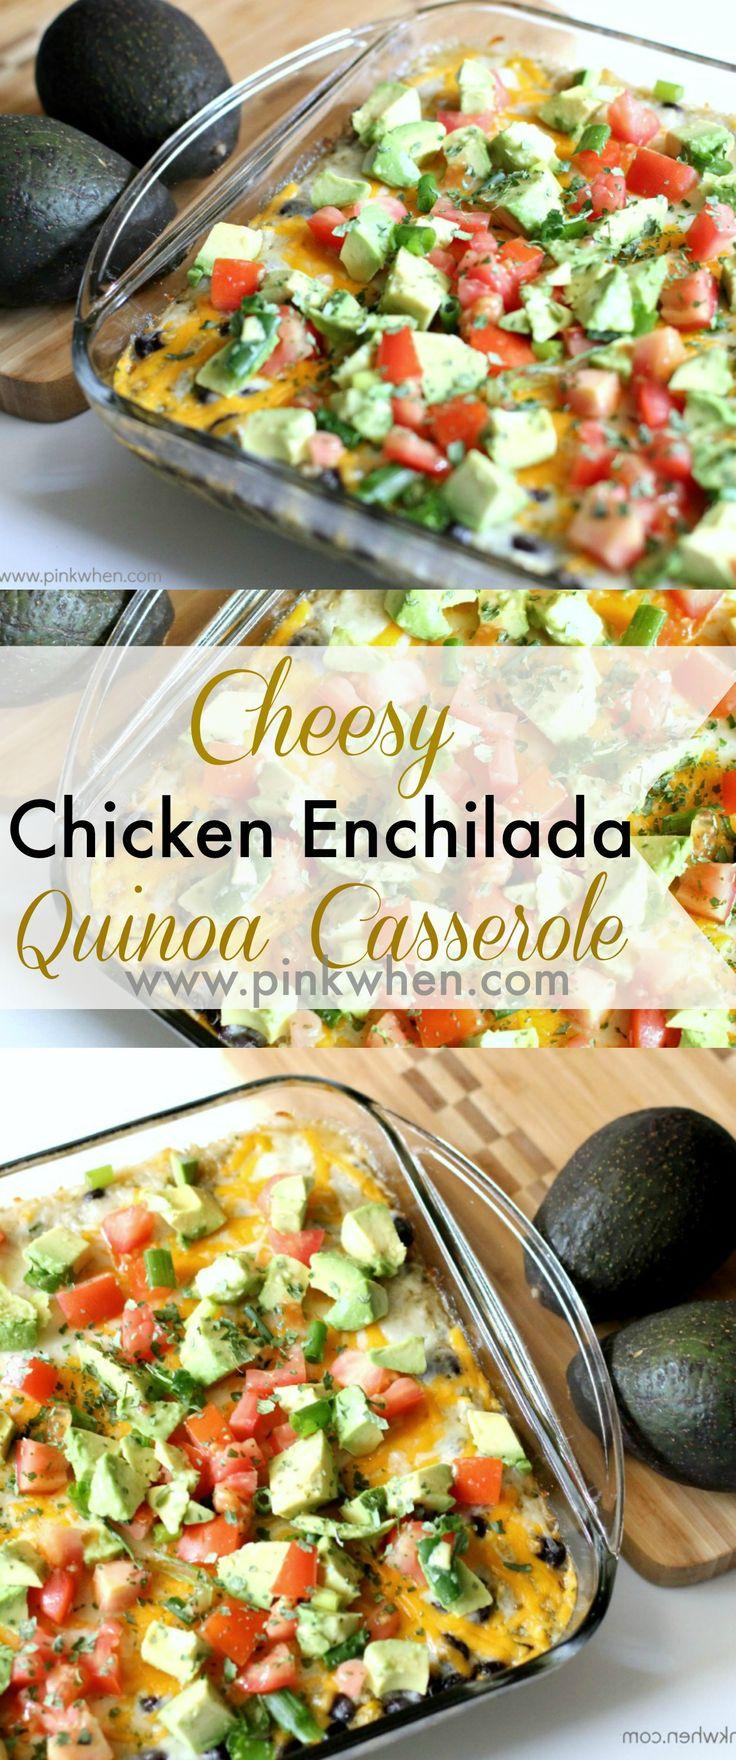 One of my families favorite recipes, Cheesy Chicken Enchilada Quinoa Casserole. DELICIOUS!